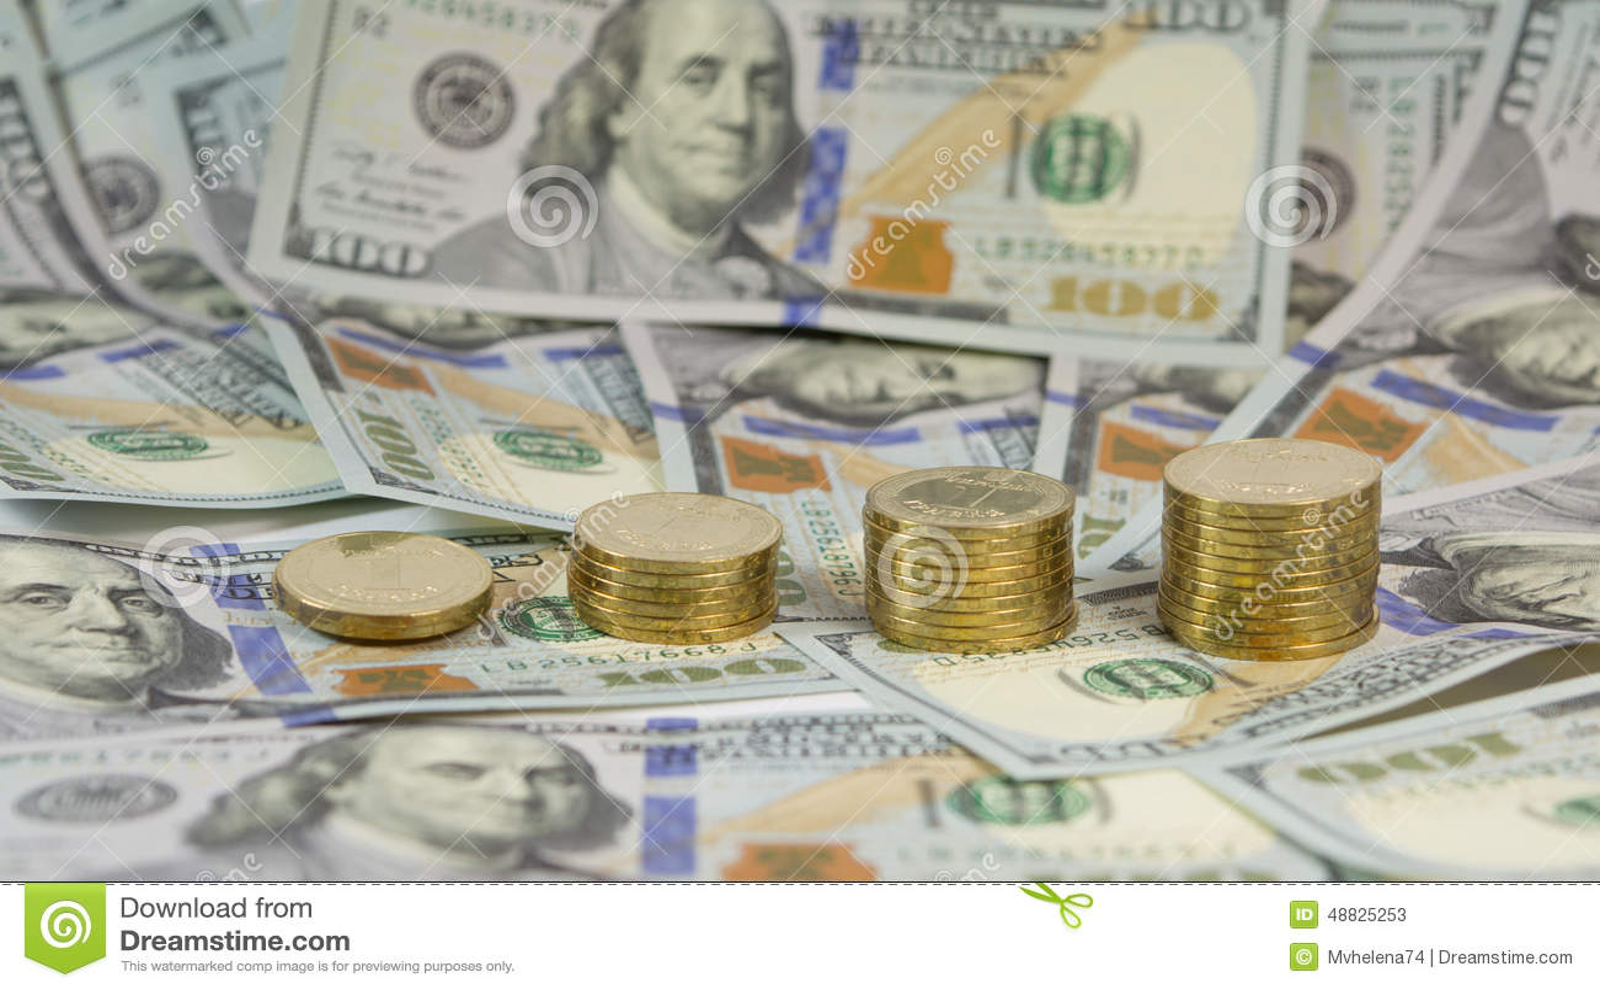 Demonstratie van de toenemende wisselkoers van Oekraïense munthryvnia (grivna, UAH) voor dollar de V.S. (USD)